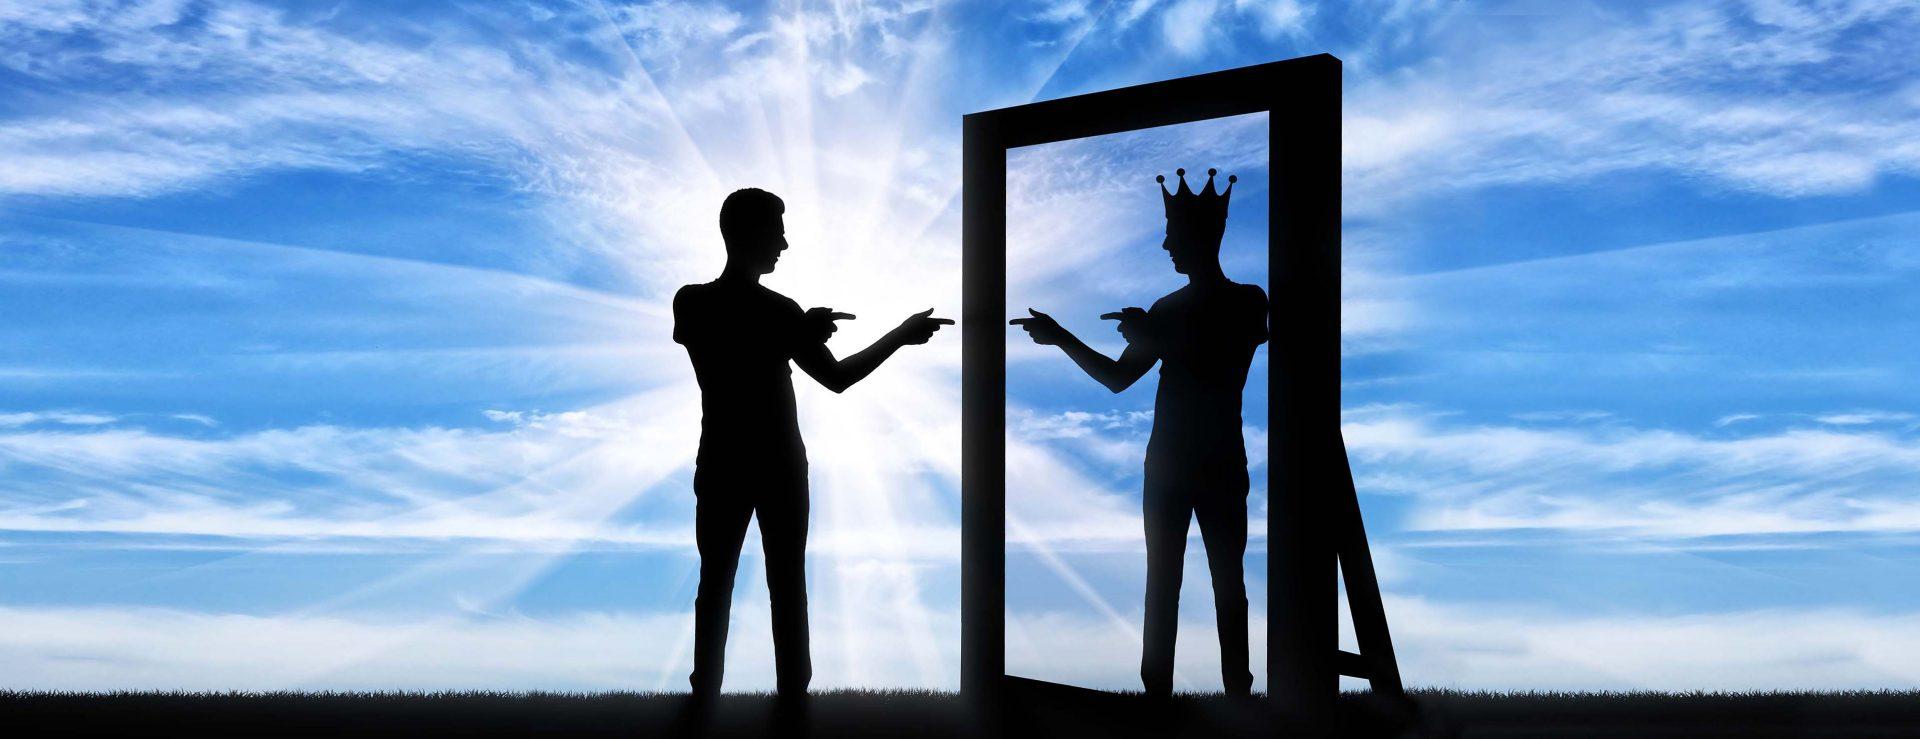 Vom Traum zum Albtraum: Die Beziehung mit einem Narzissten